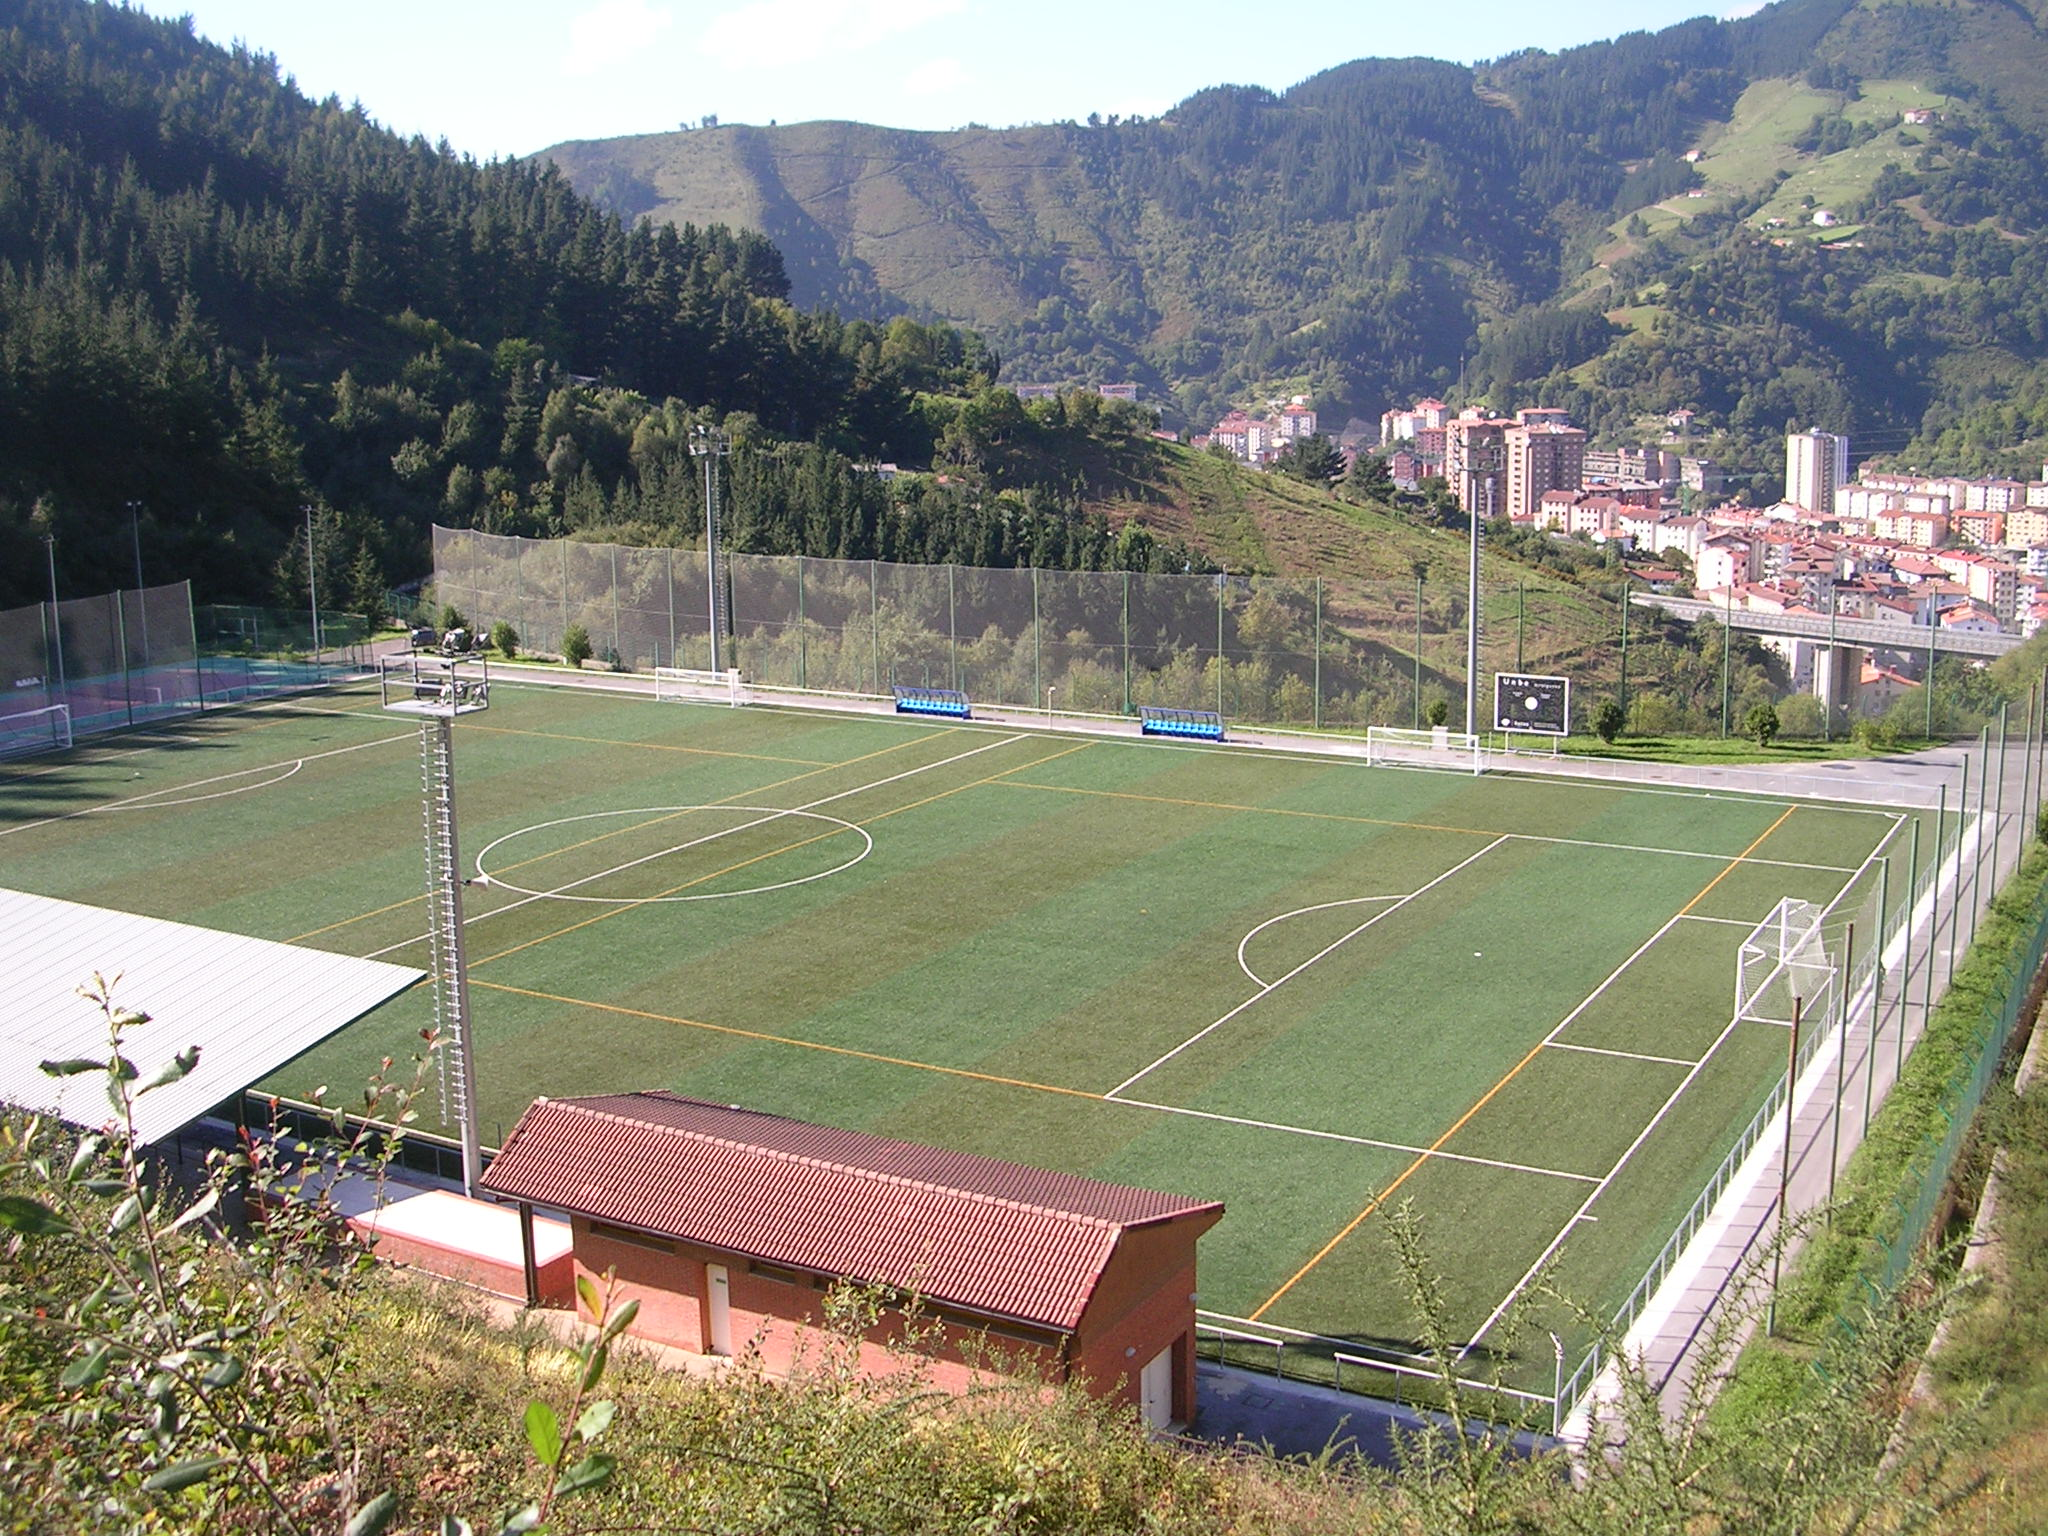 Fotografía actual de uno de los dos campos de fútbol de Unbe (Eibar).